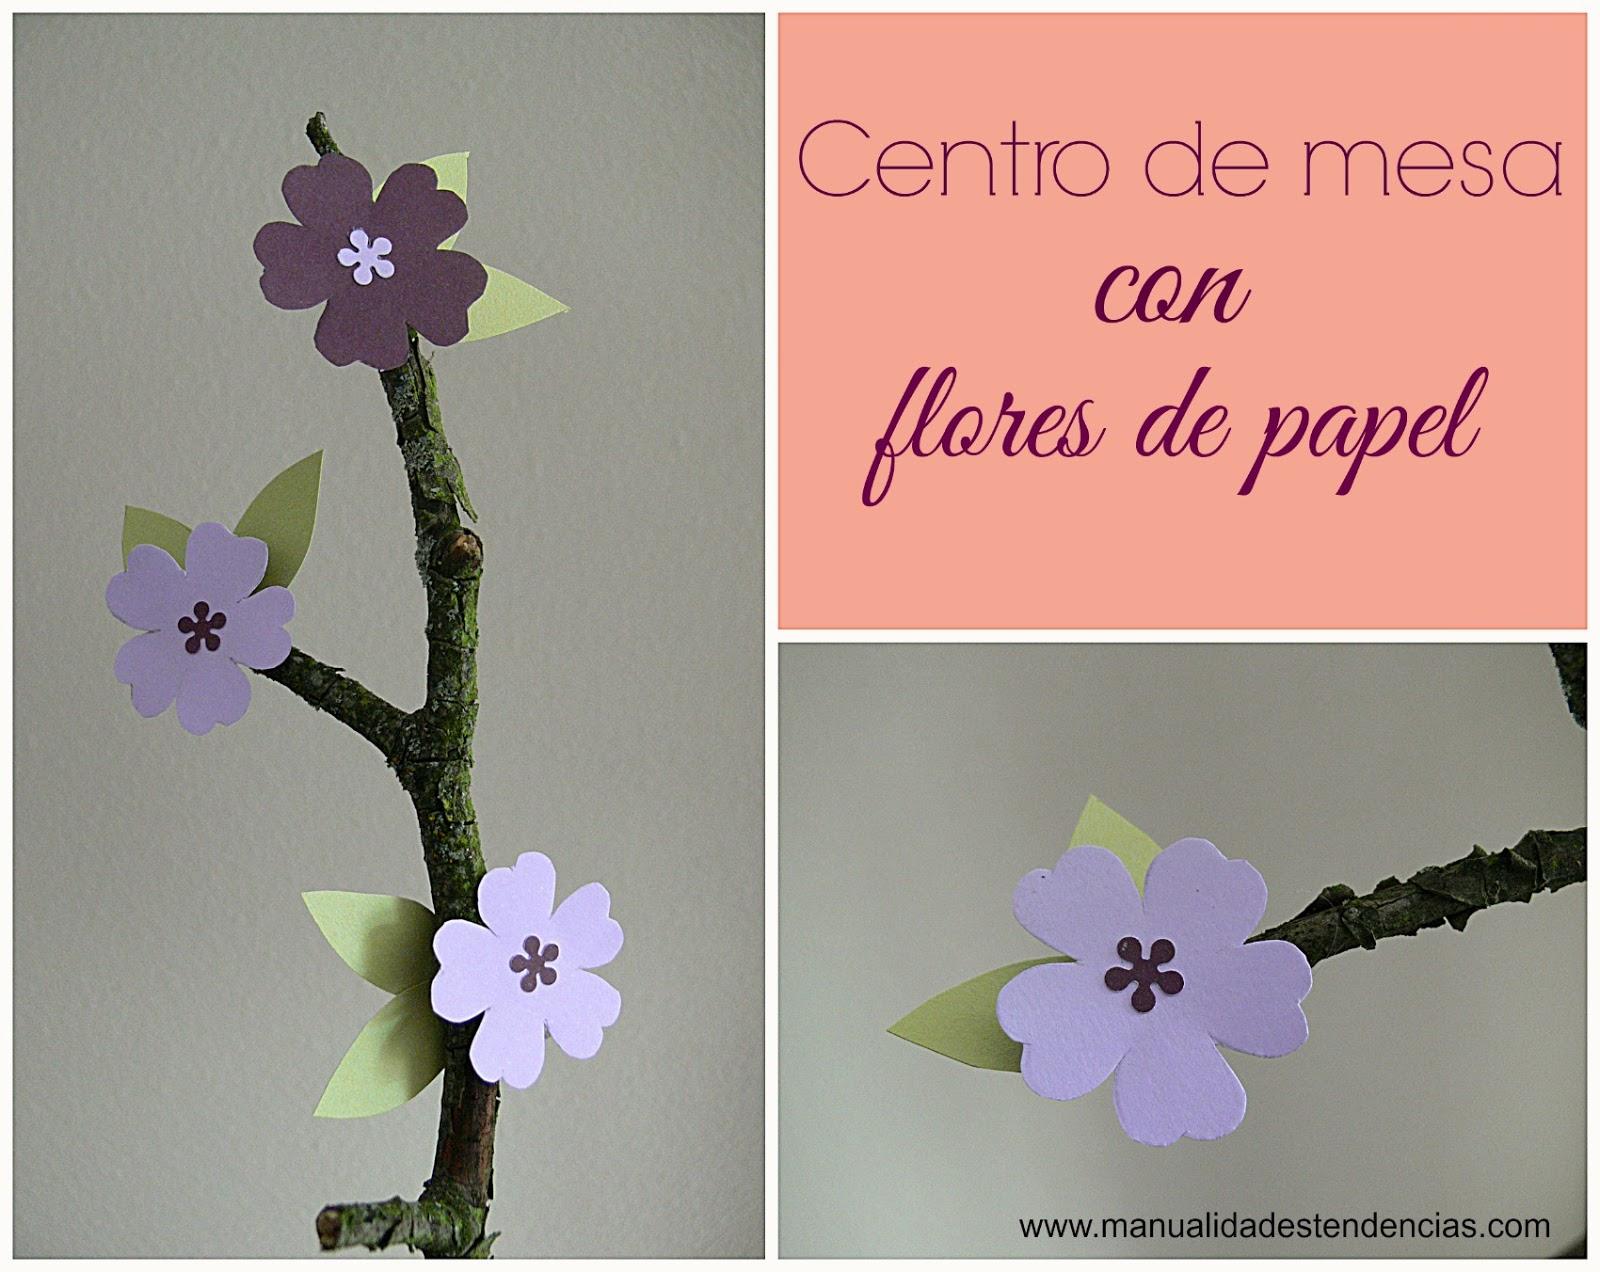 Centro de mesa con flores de papel